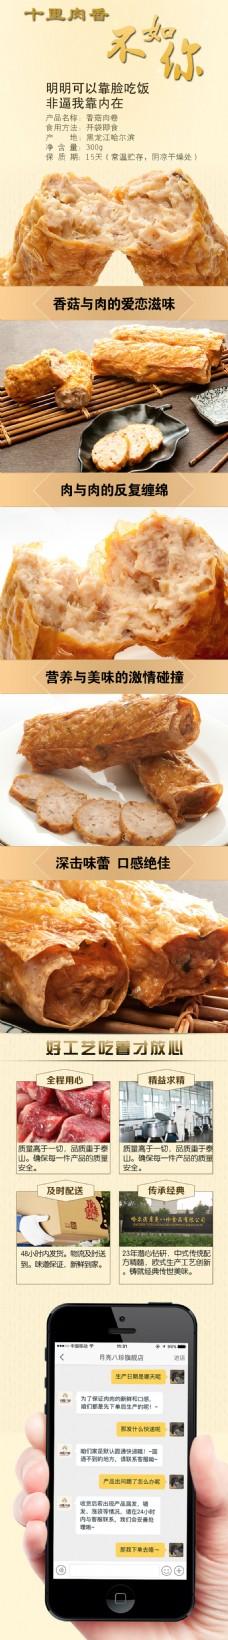 香菇肉卷详情页